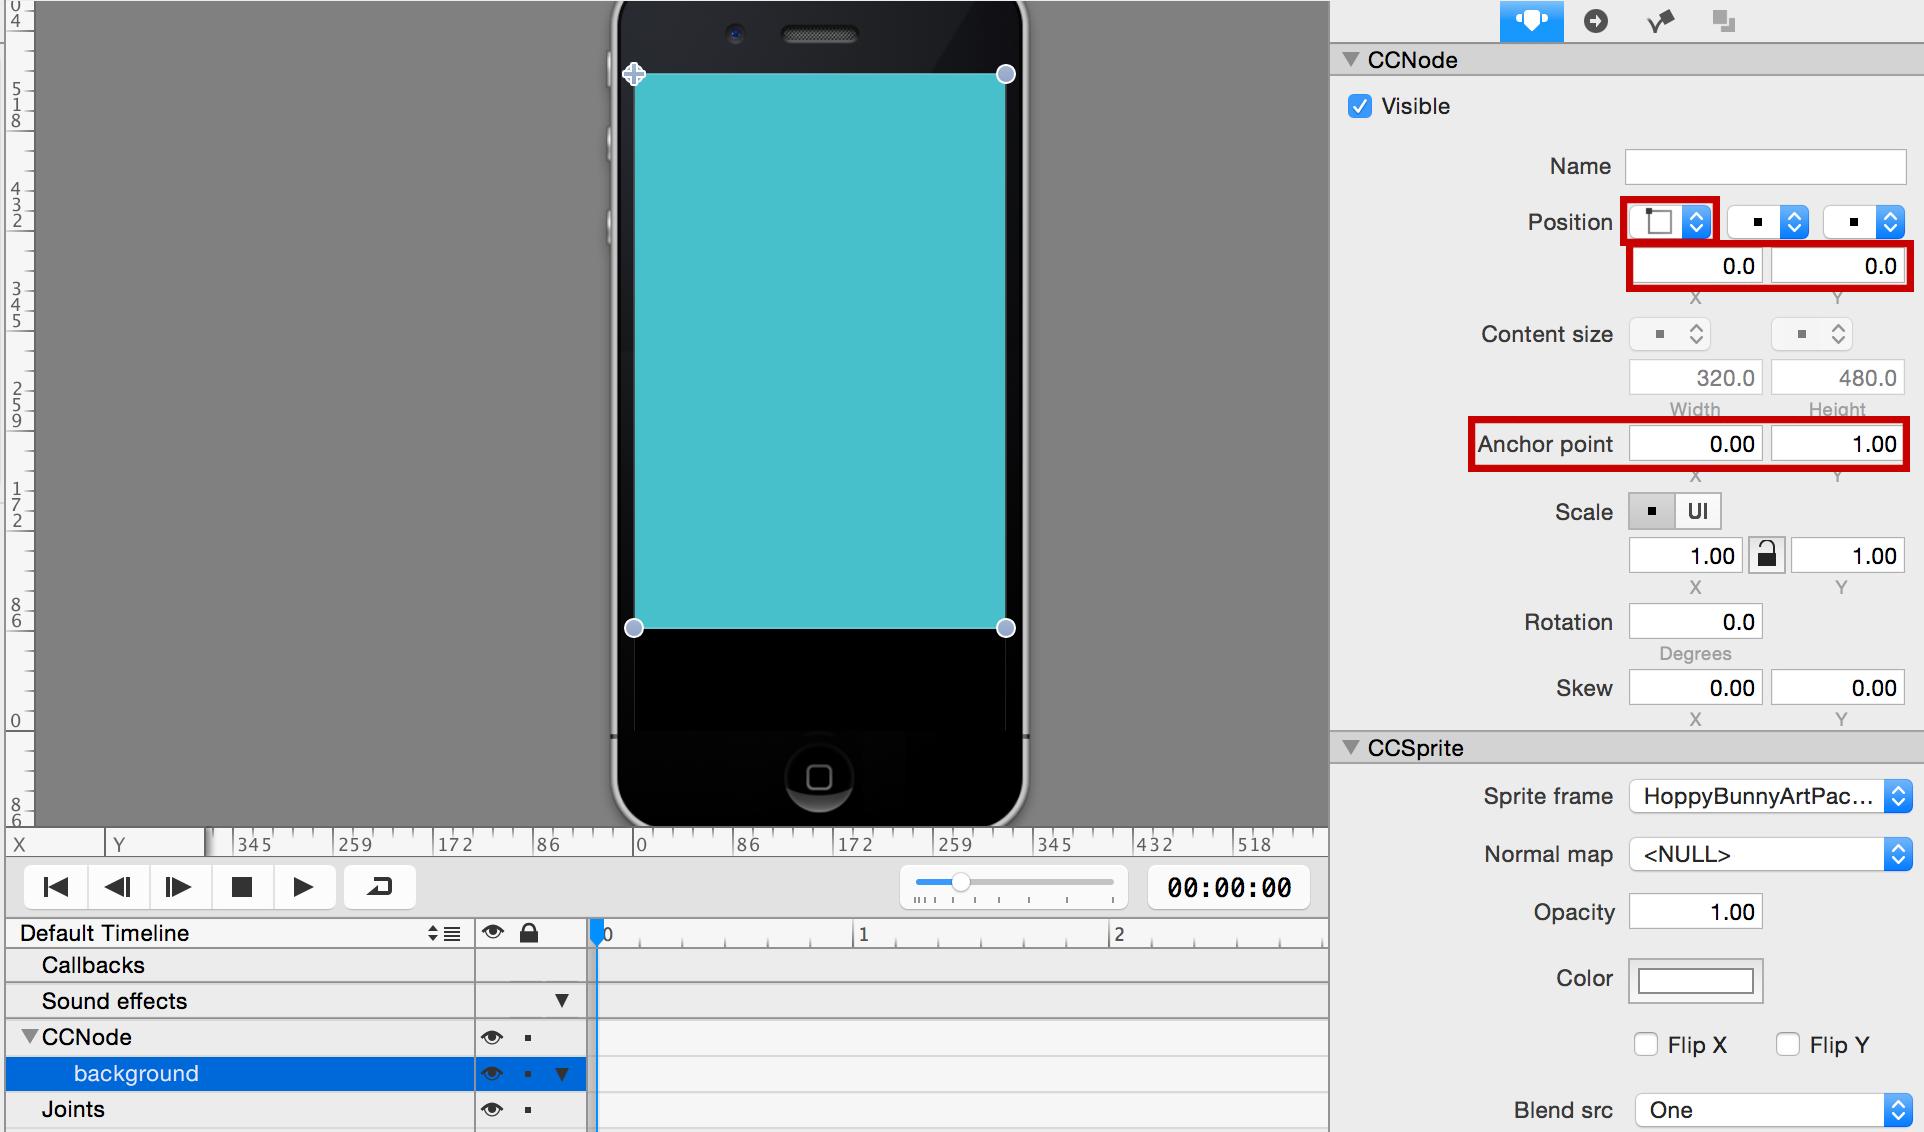 Adding background image